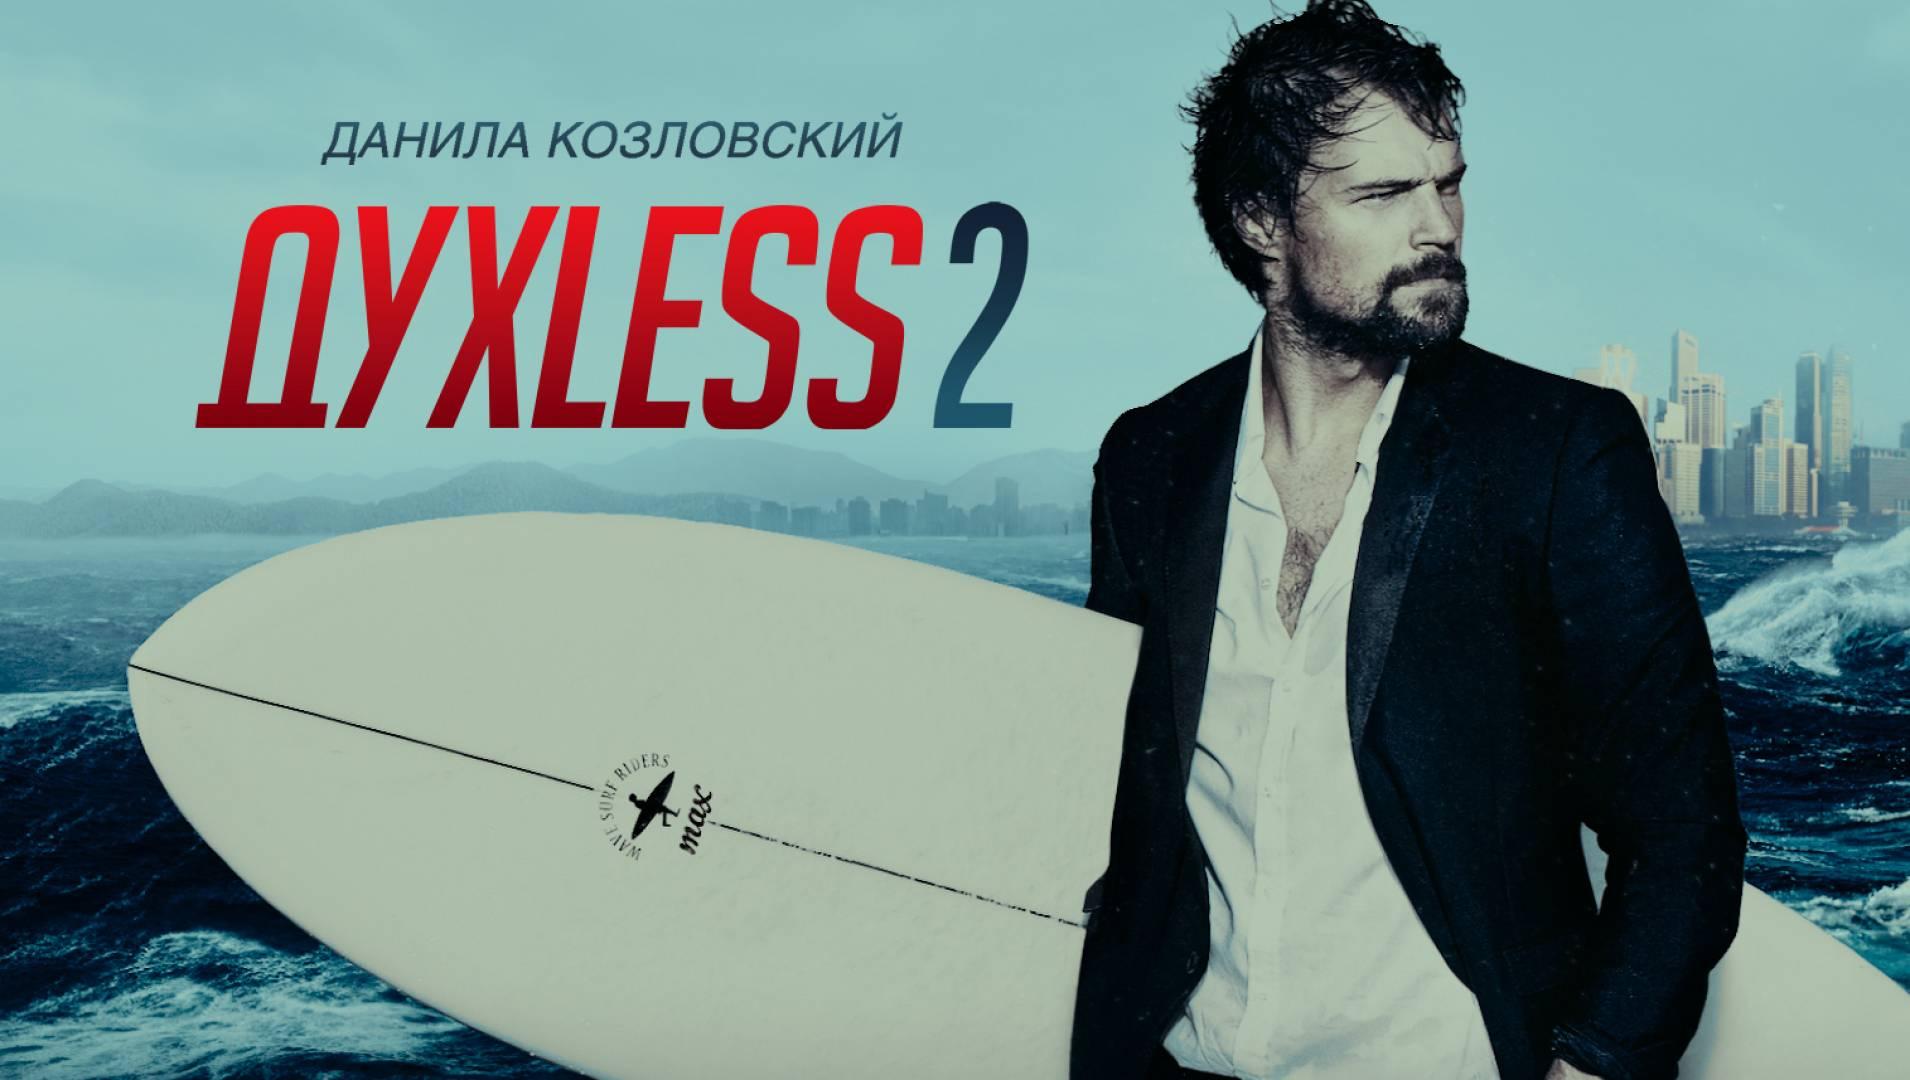 Духless-2 - Драма, Фильм